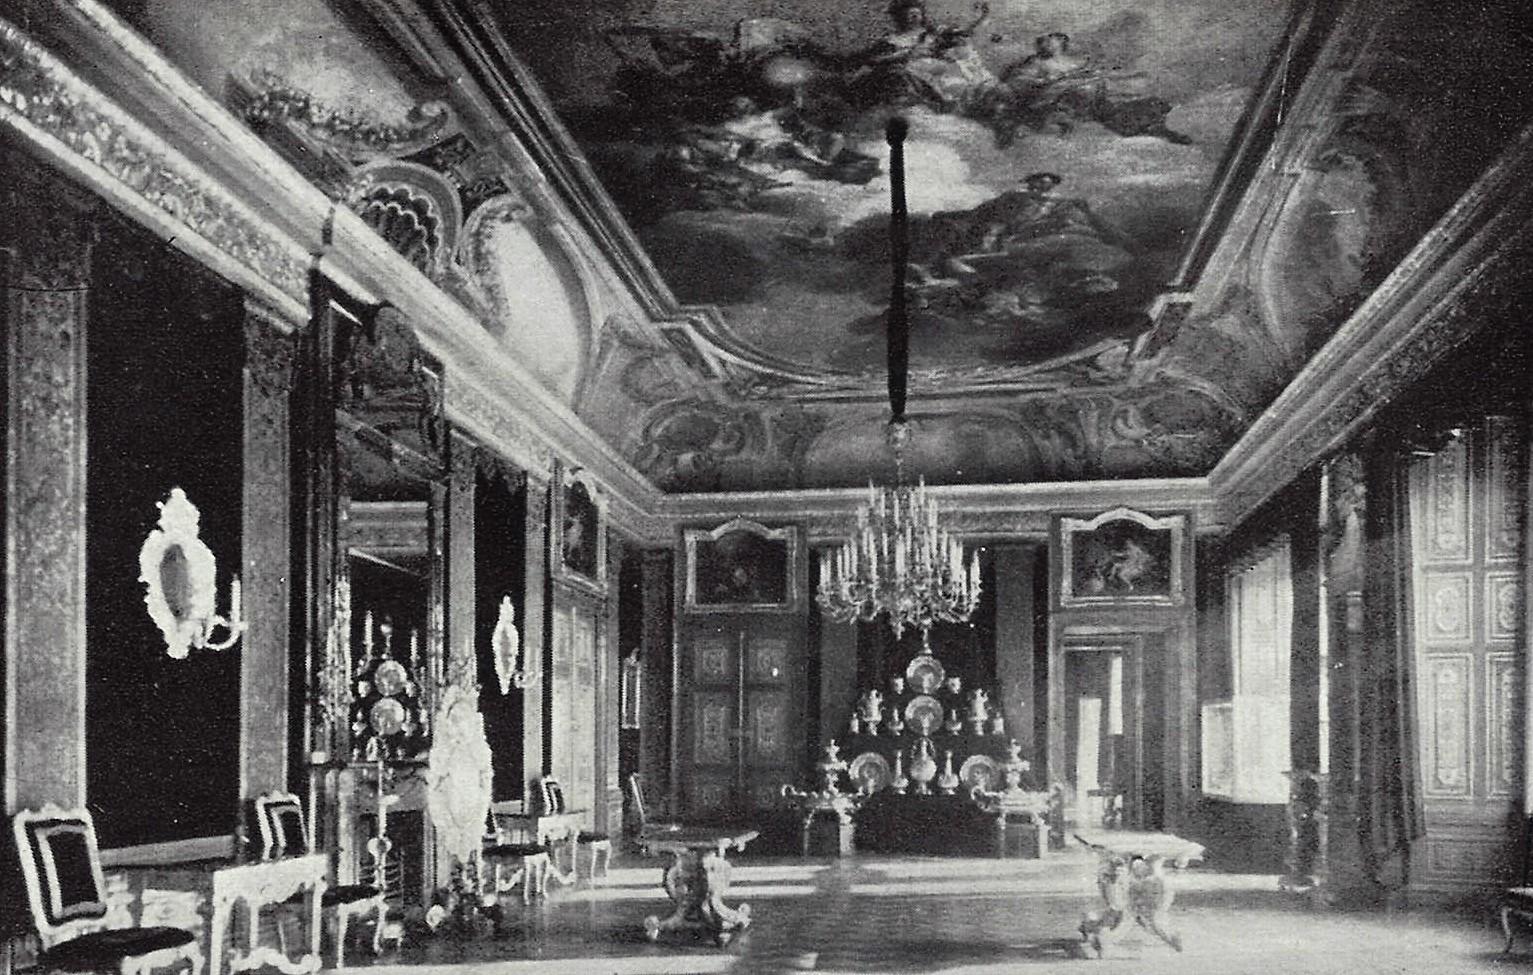 salle du trone d'Auguste II 1933